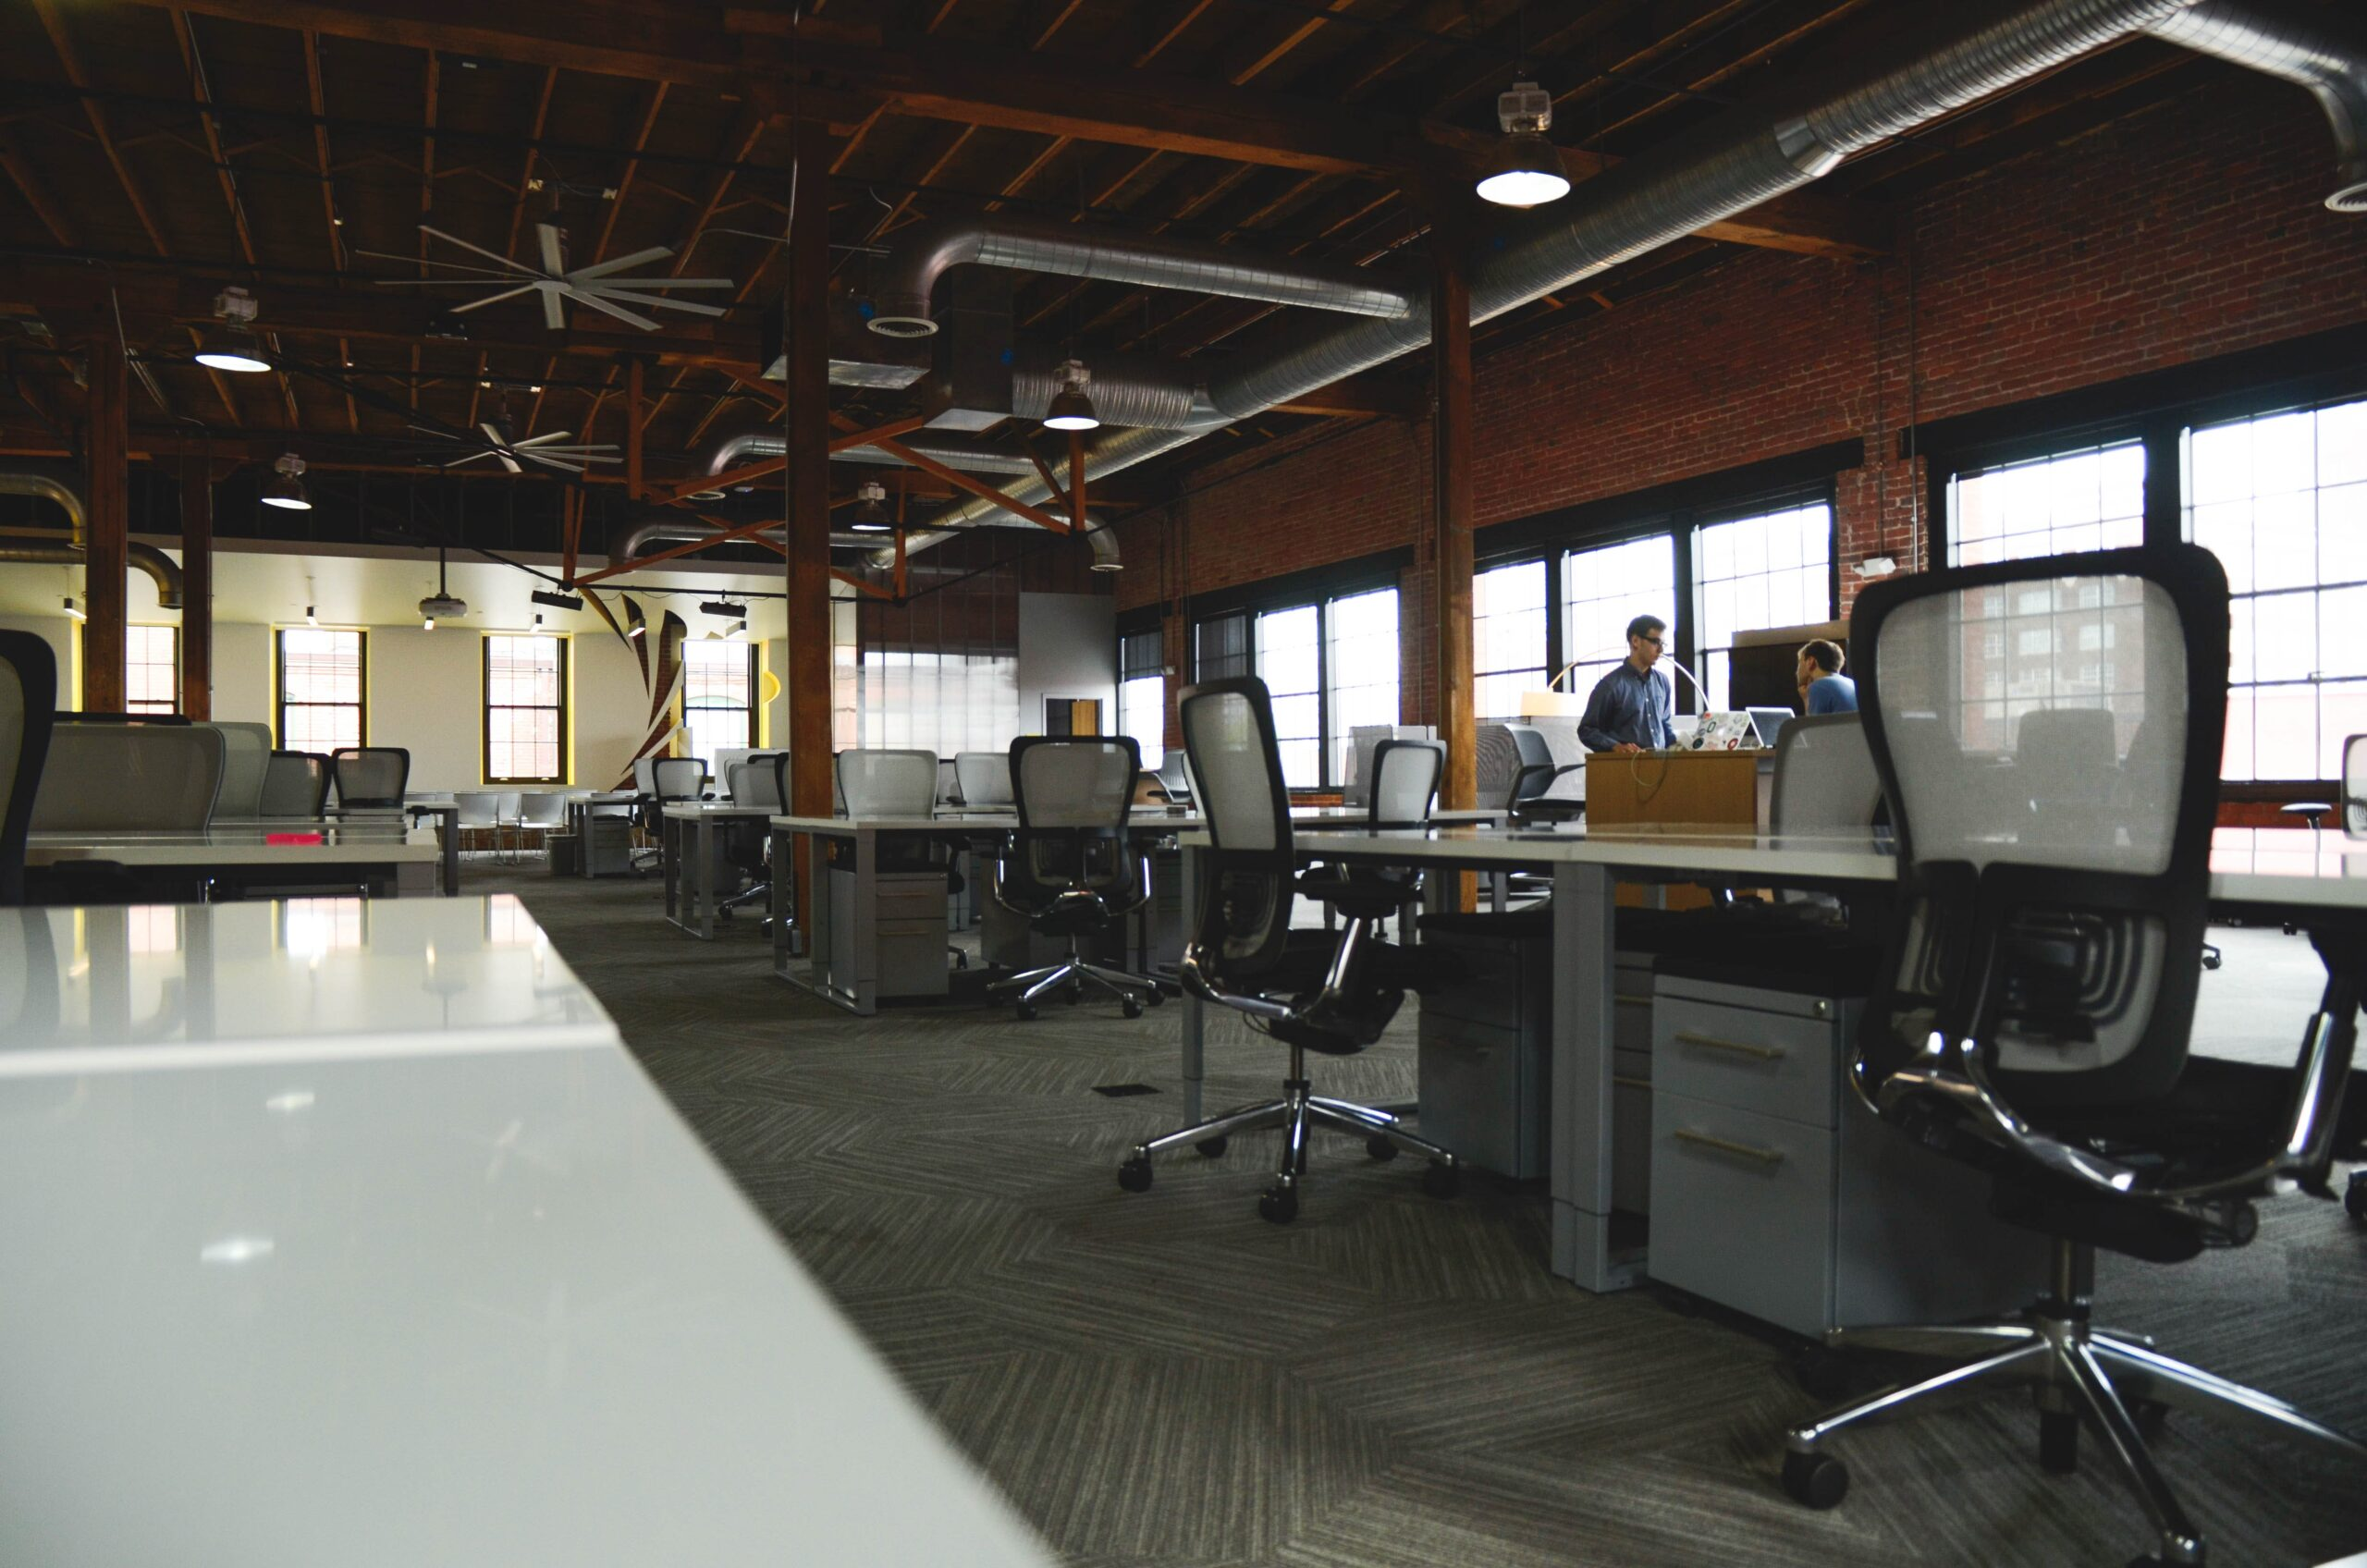 こんなオフィス内装はNG②空調や電気設備が整っていない